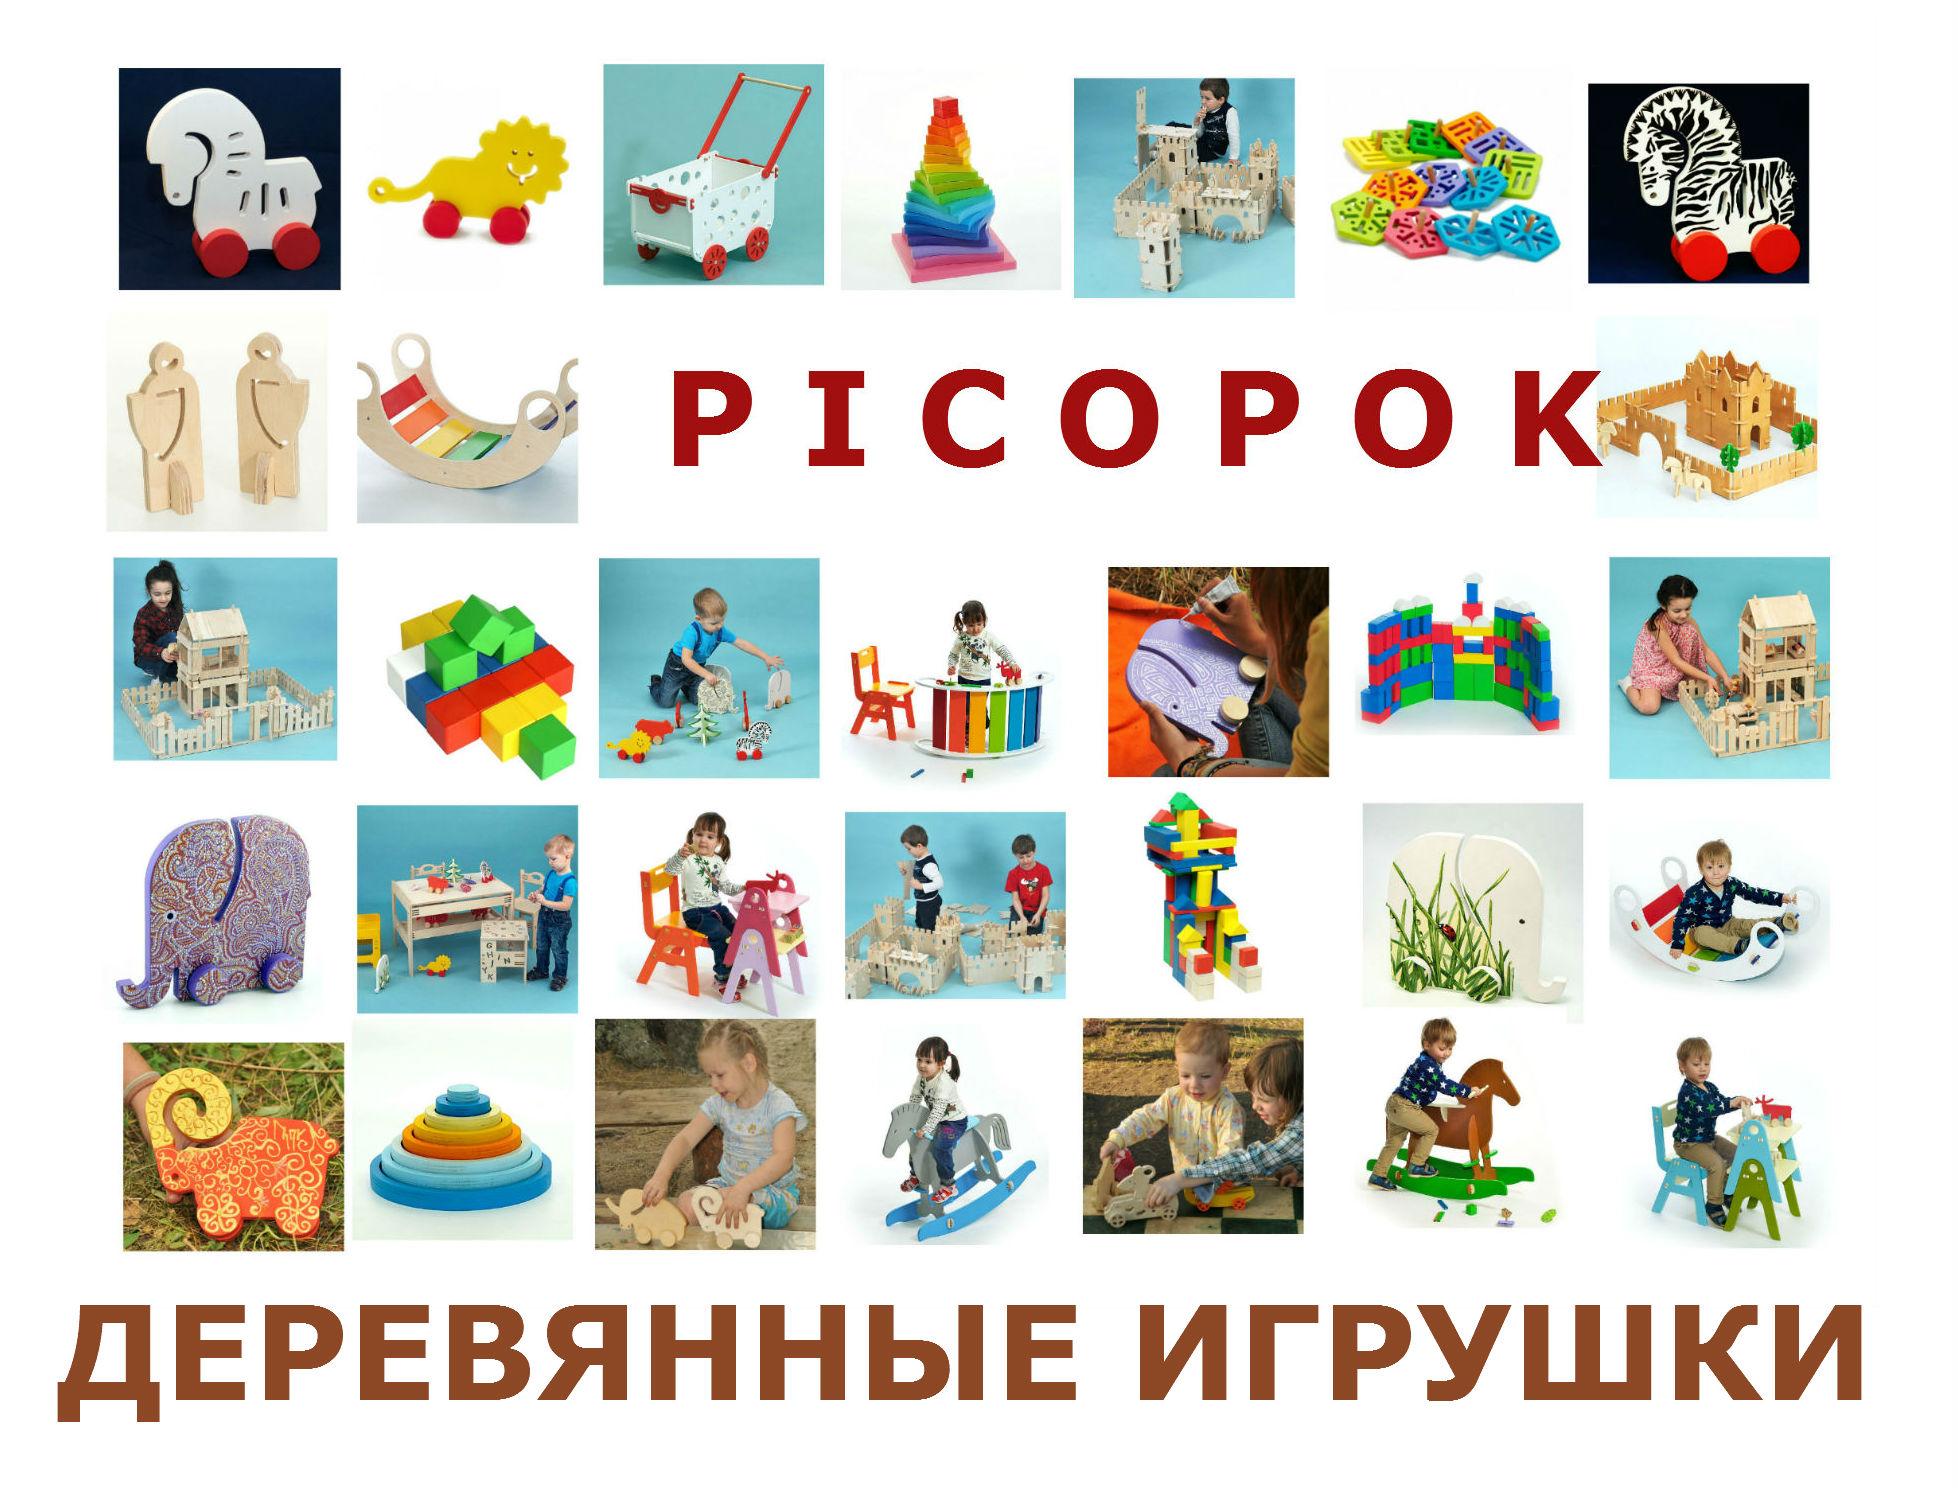 Сбор заказов. Pic0p0c. Классные деревянные игрушки. Малышам: каталки, пирамидки, кубики. Д0школятам: игрушки по методике М0нтеSSори, а также Dеревянная RADUGa.